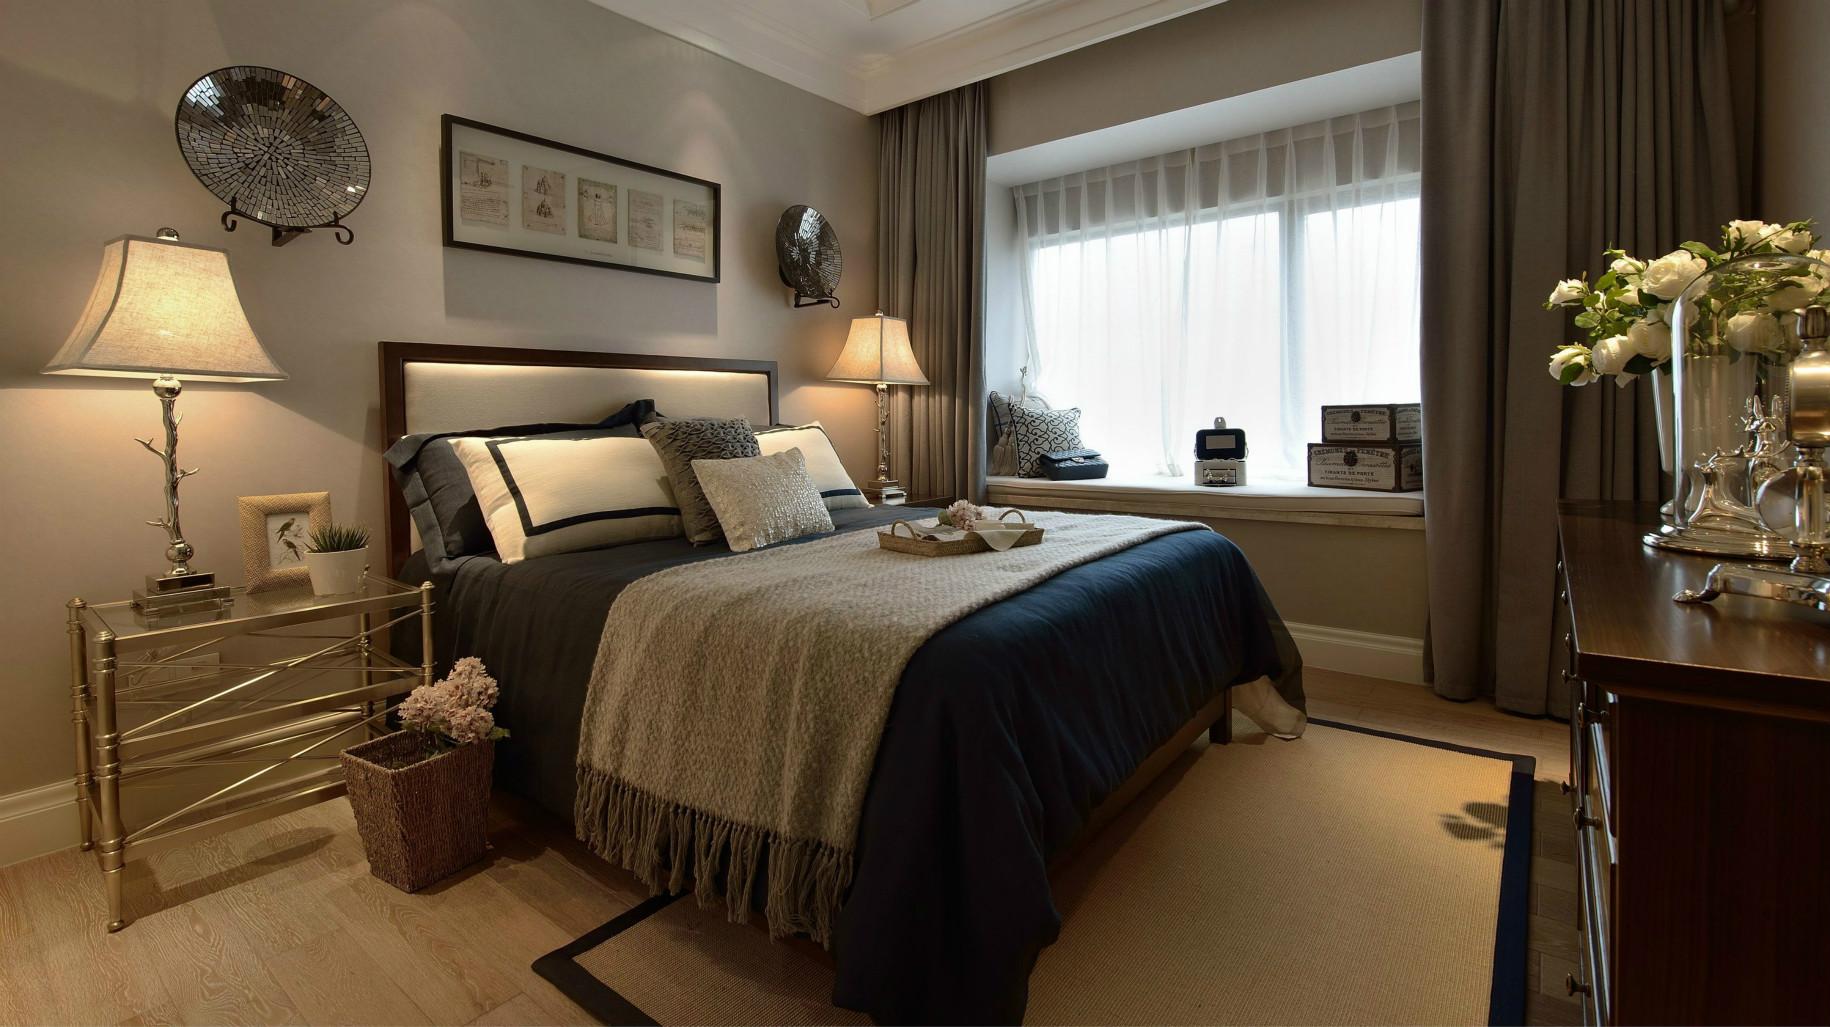 卧室以浅灰色漆粉刷墙面,形成色彩搭配让空间更显温馨